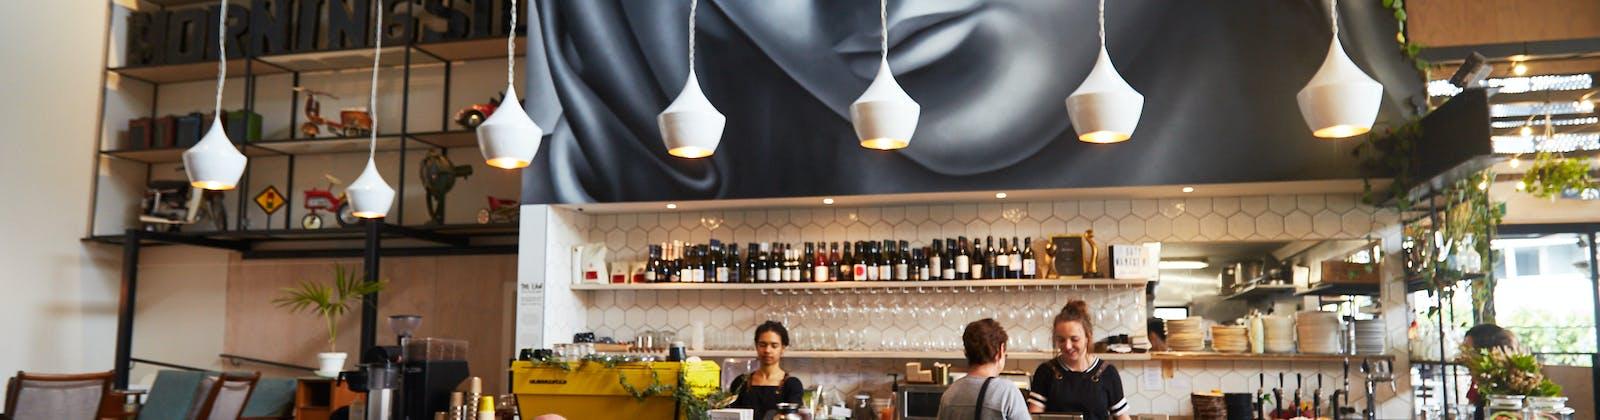 Morningside's Crave Cafe